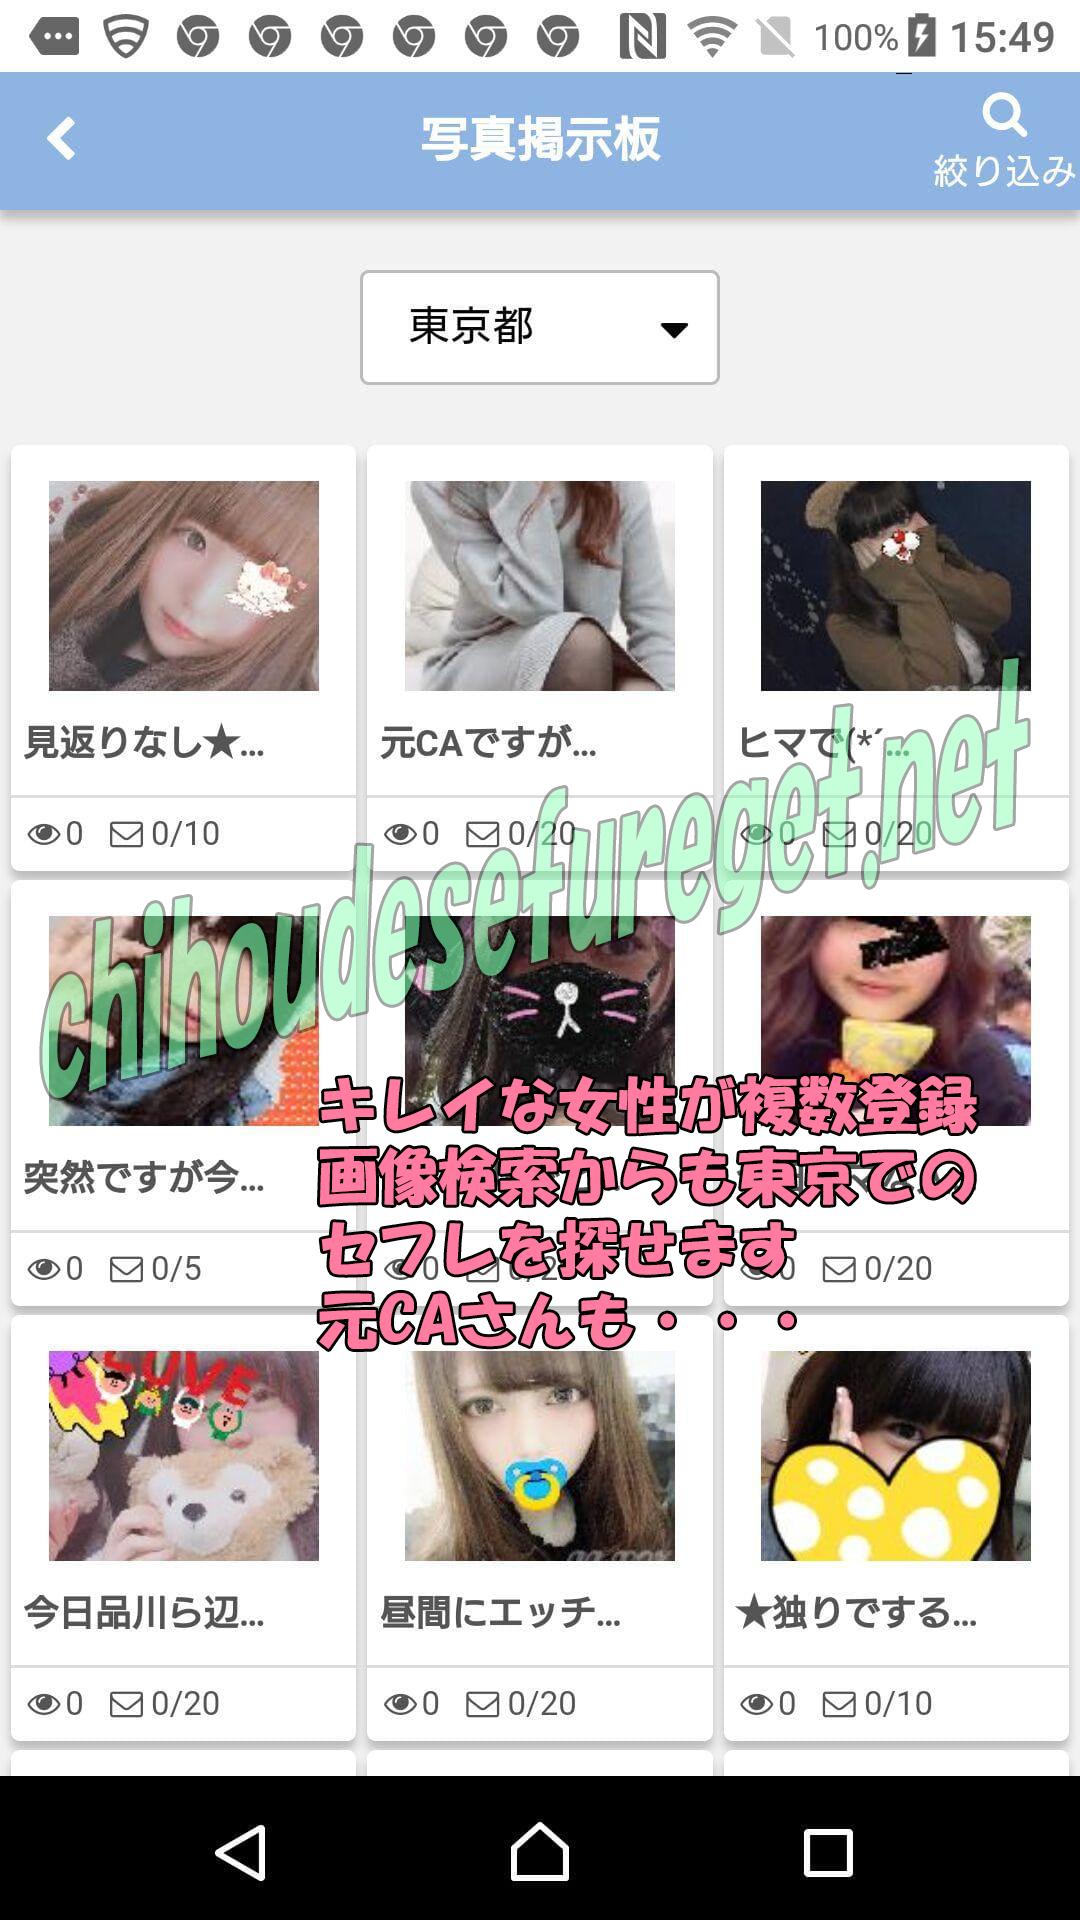 pcmax東京セフレ探しで検索した際の画像